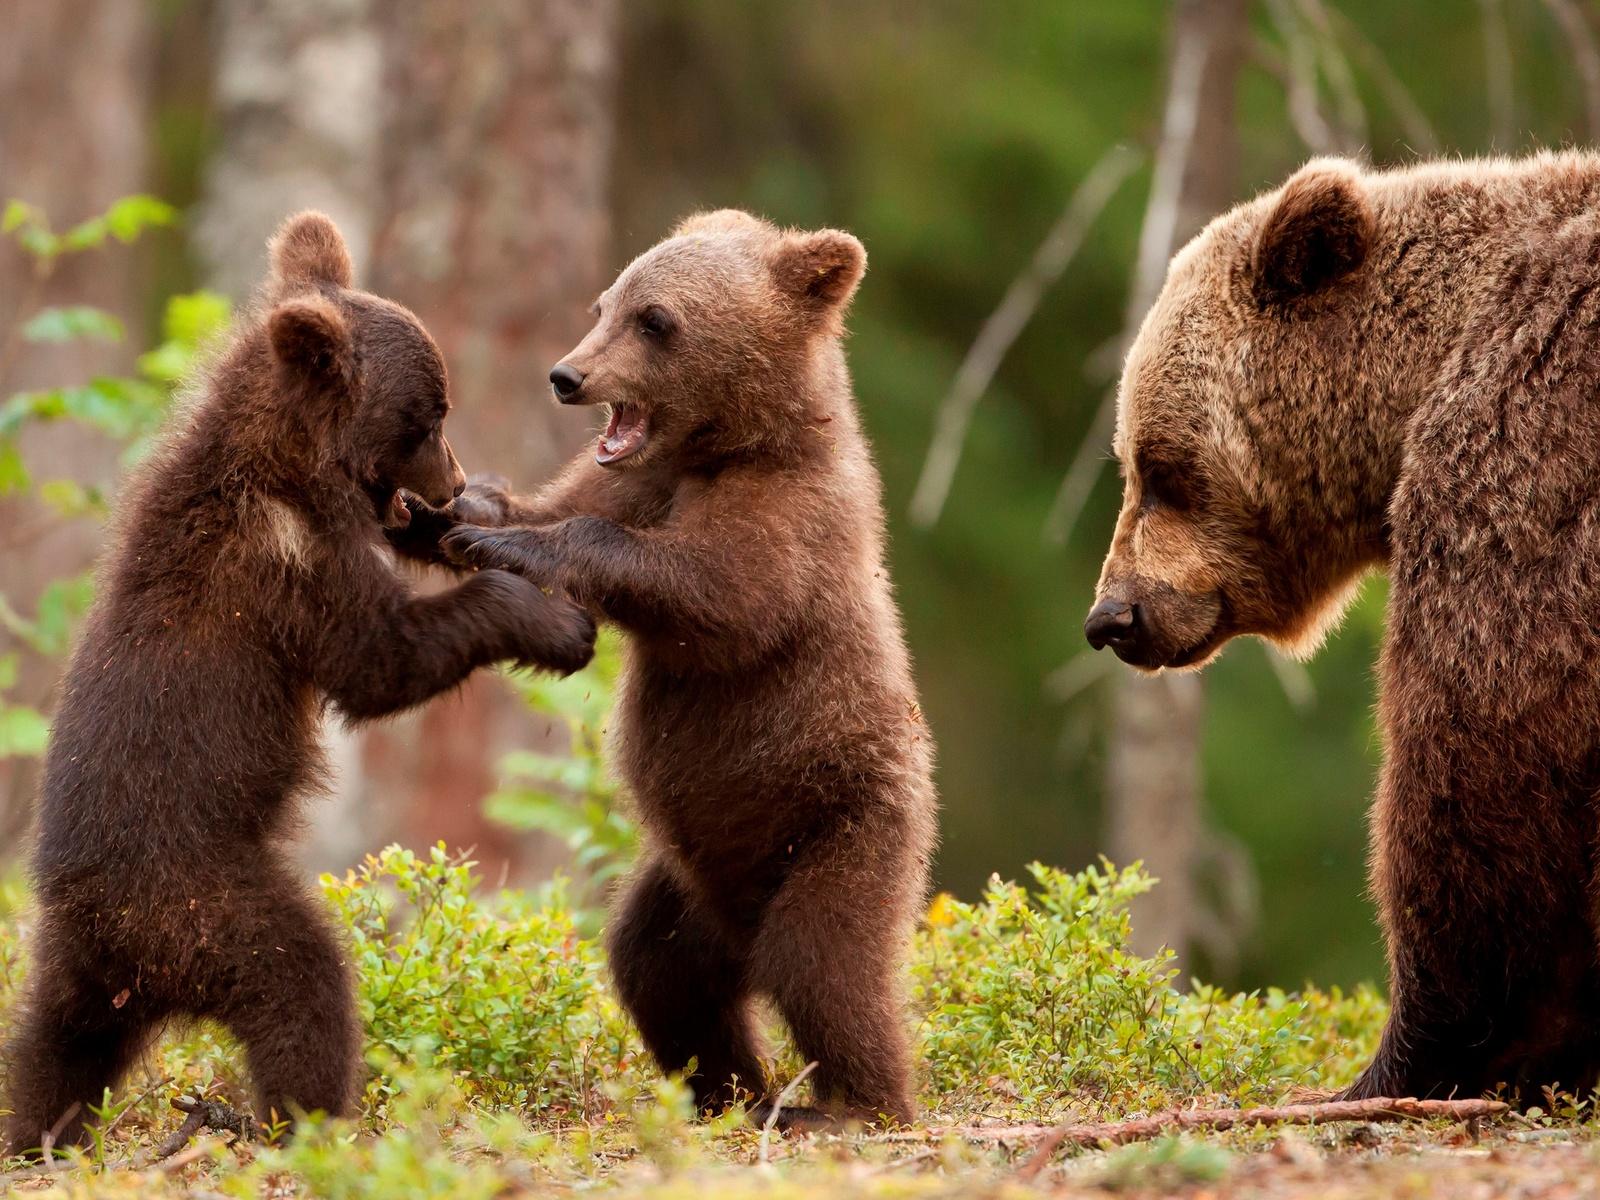 обезумевшие яркие картинки медвежат использовать методы работы